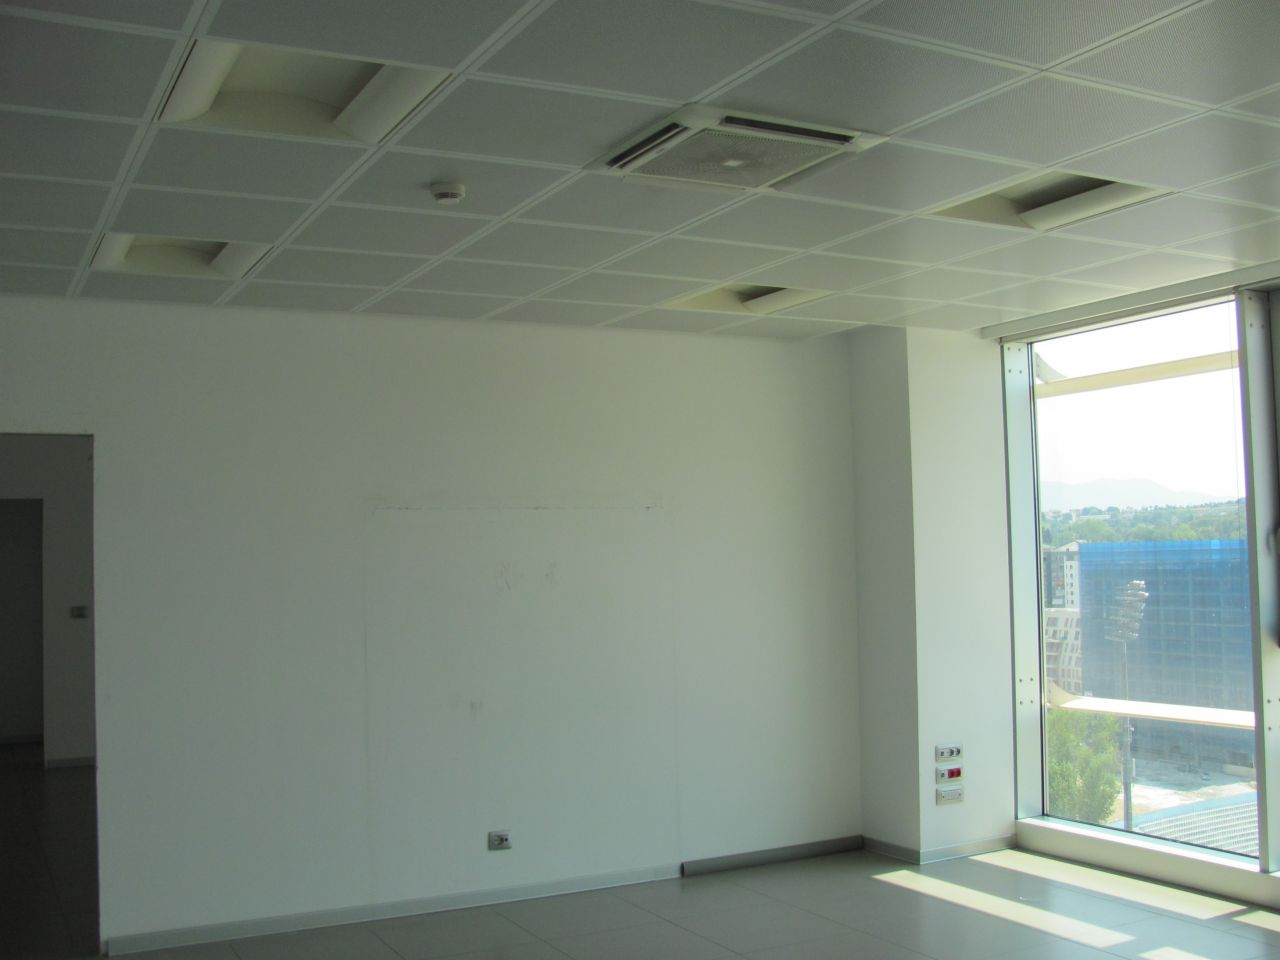 Miglior Spazio per Ufficio in affitto a Tirana